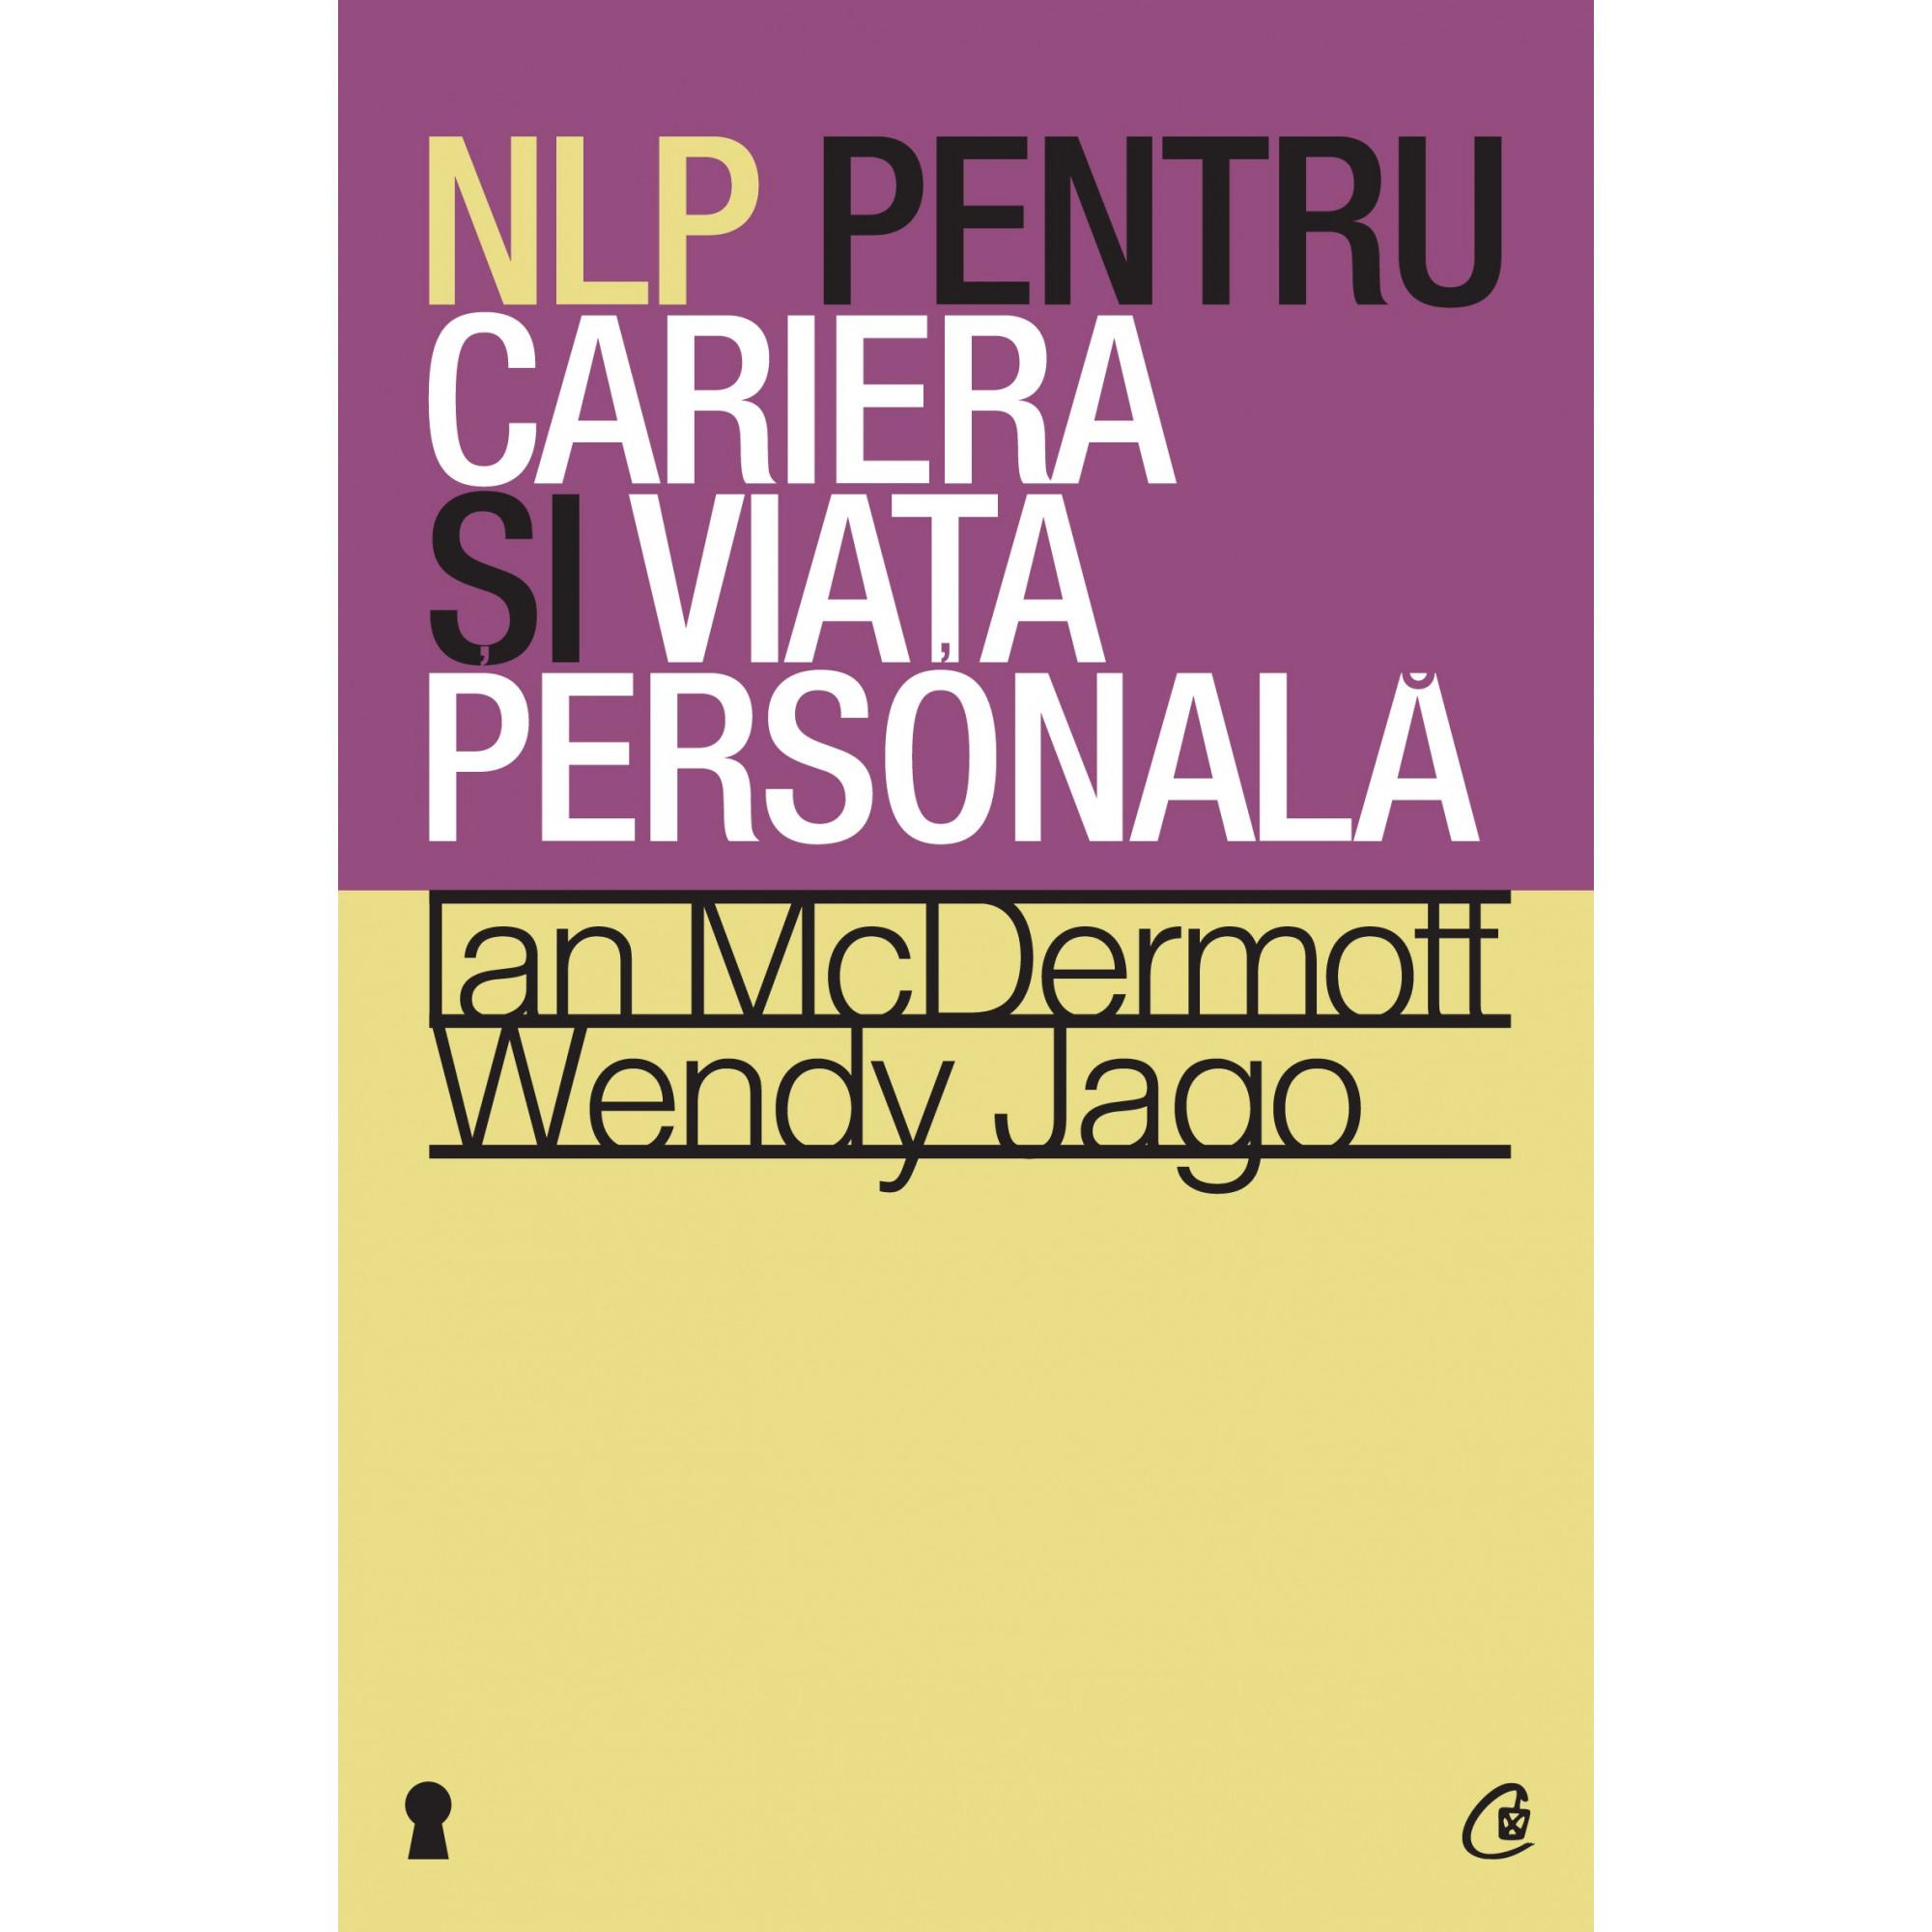 NLP pentru cariera şi viaţa personală; Ian McDermott, Wendy Jago